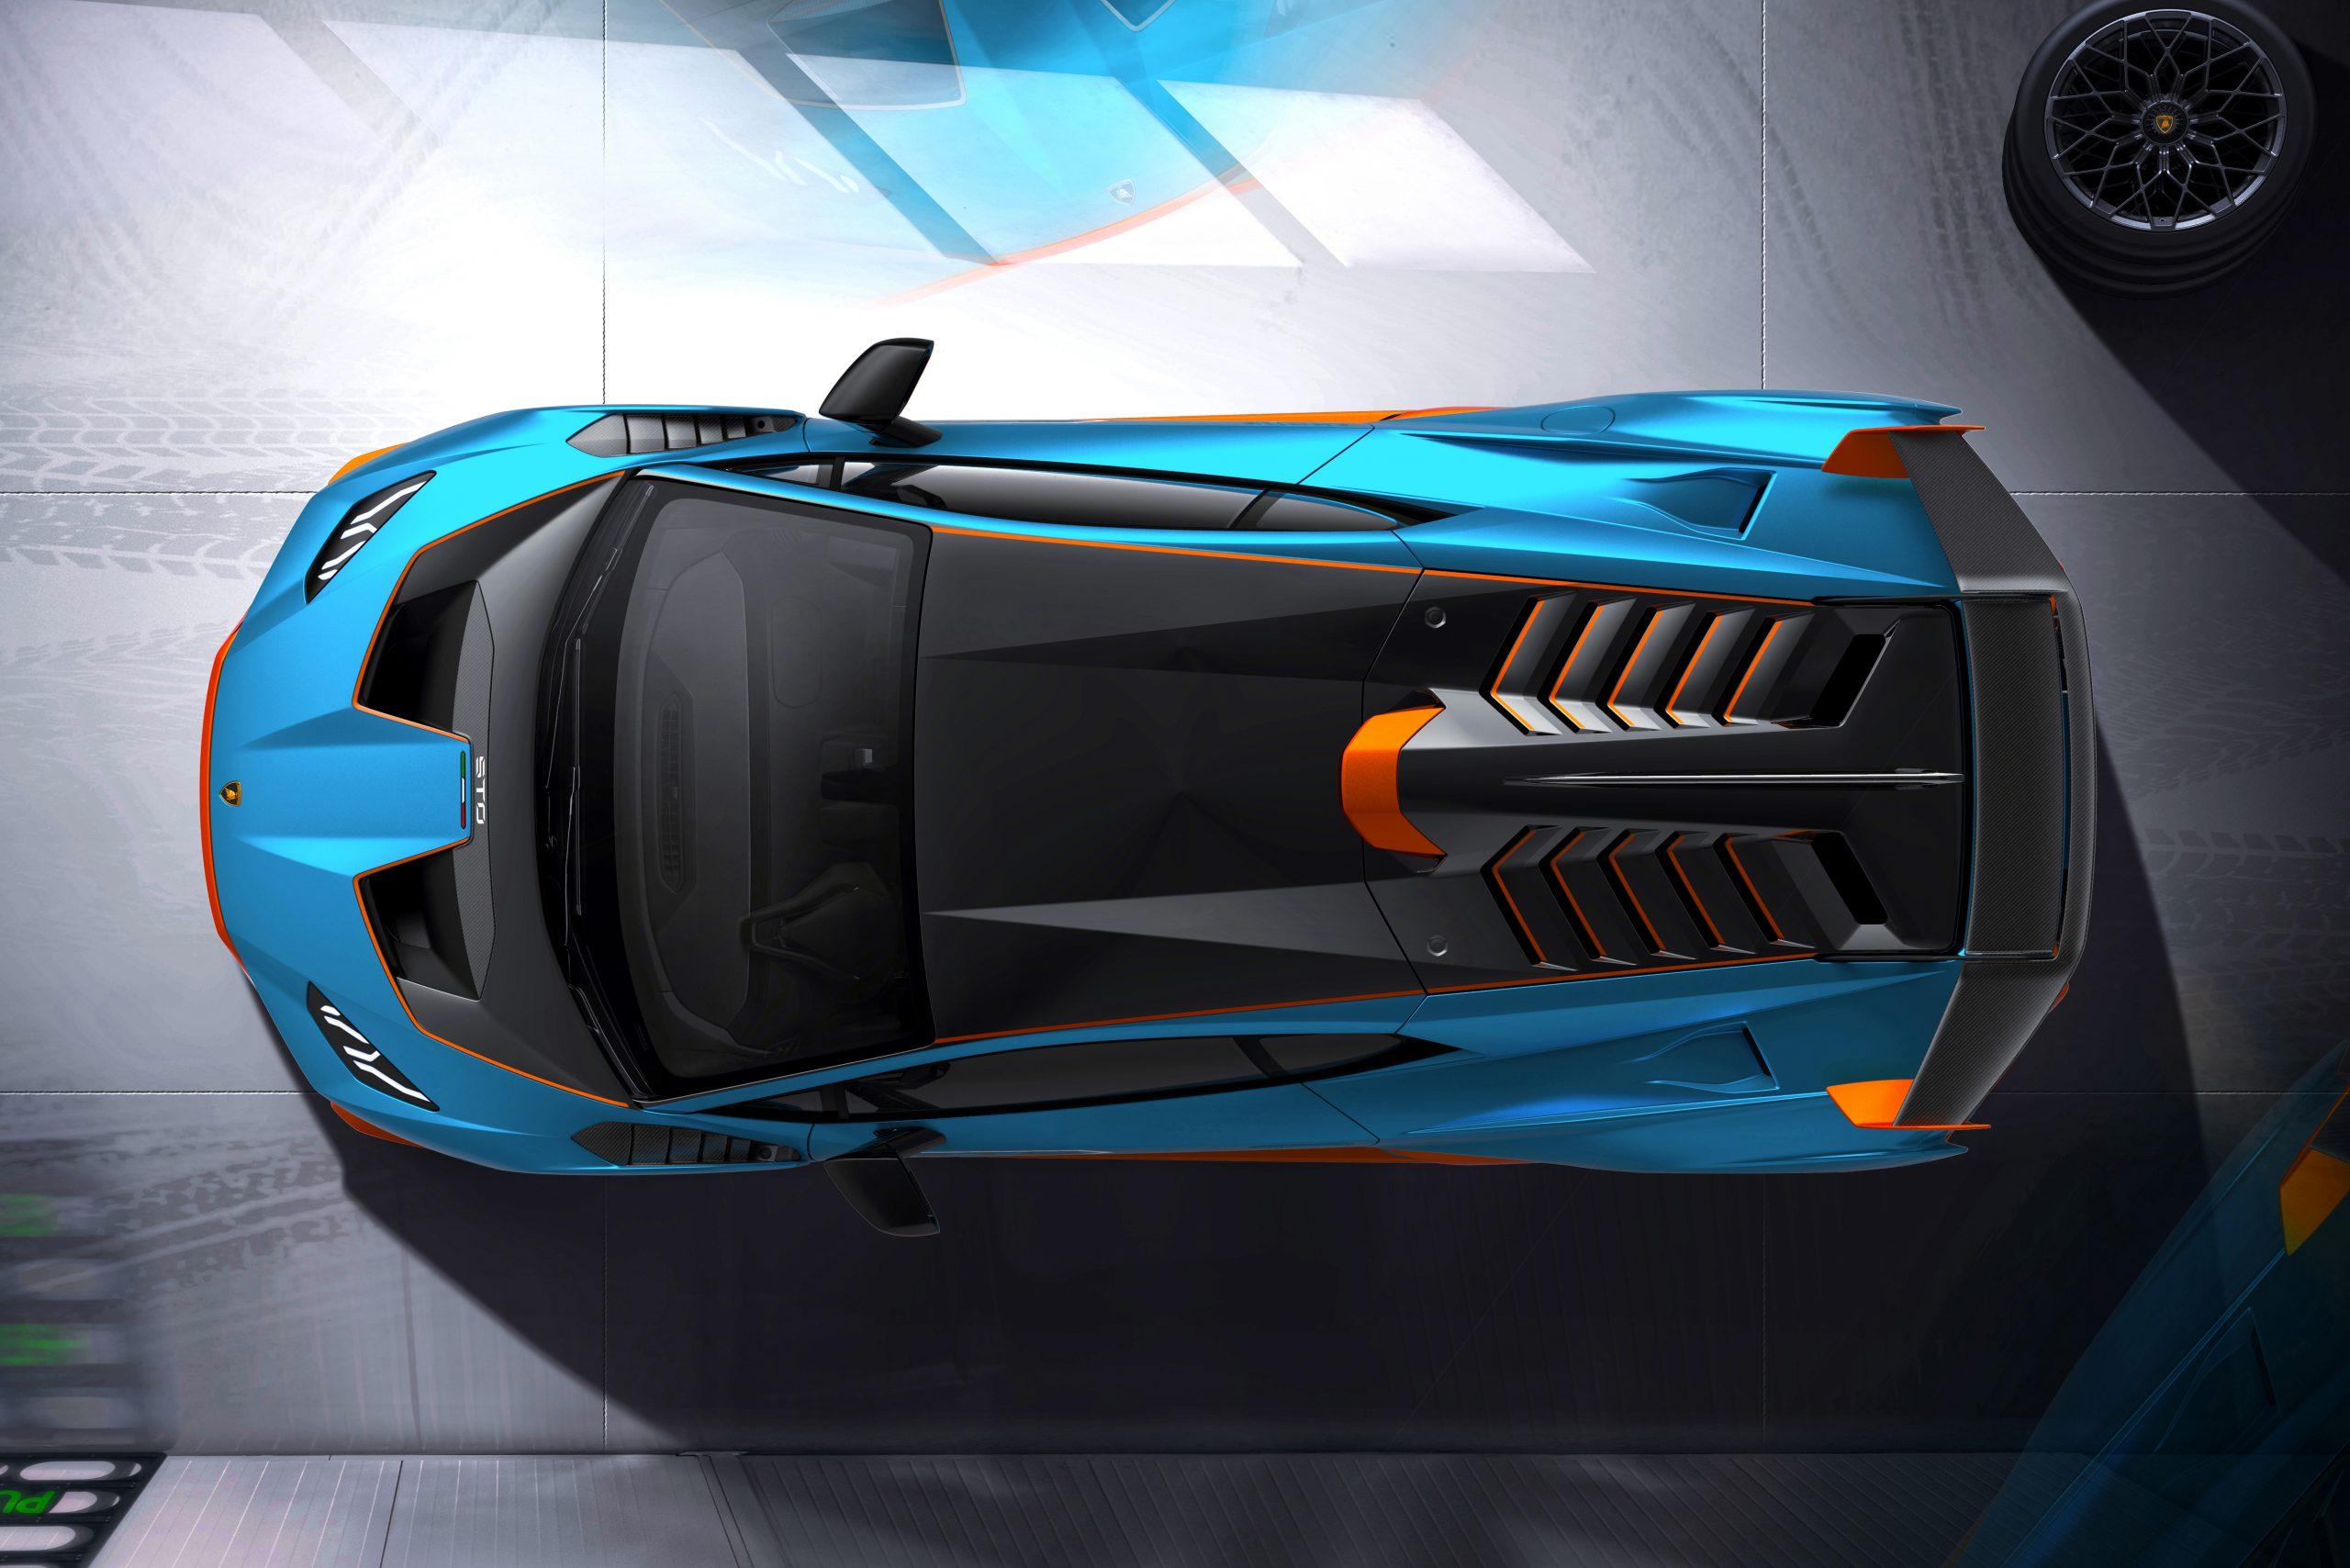 Lamborghini Huracan STO overhead garage 3